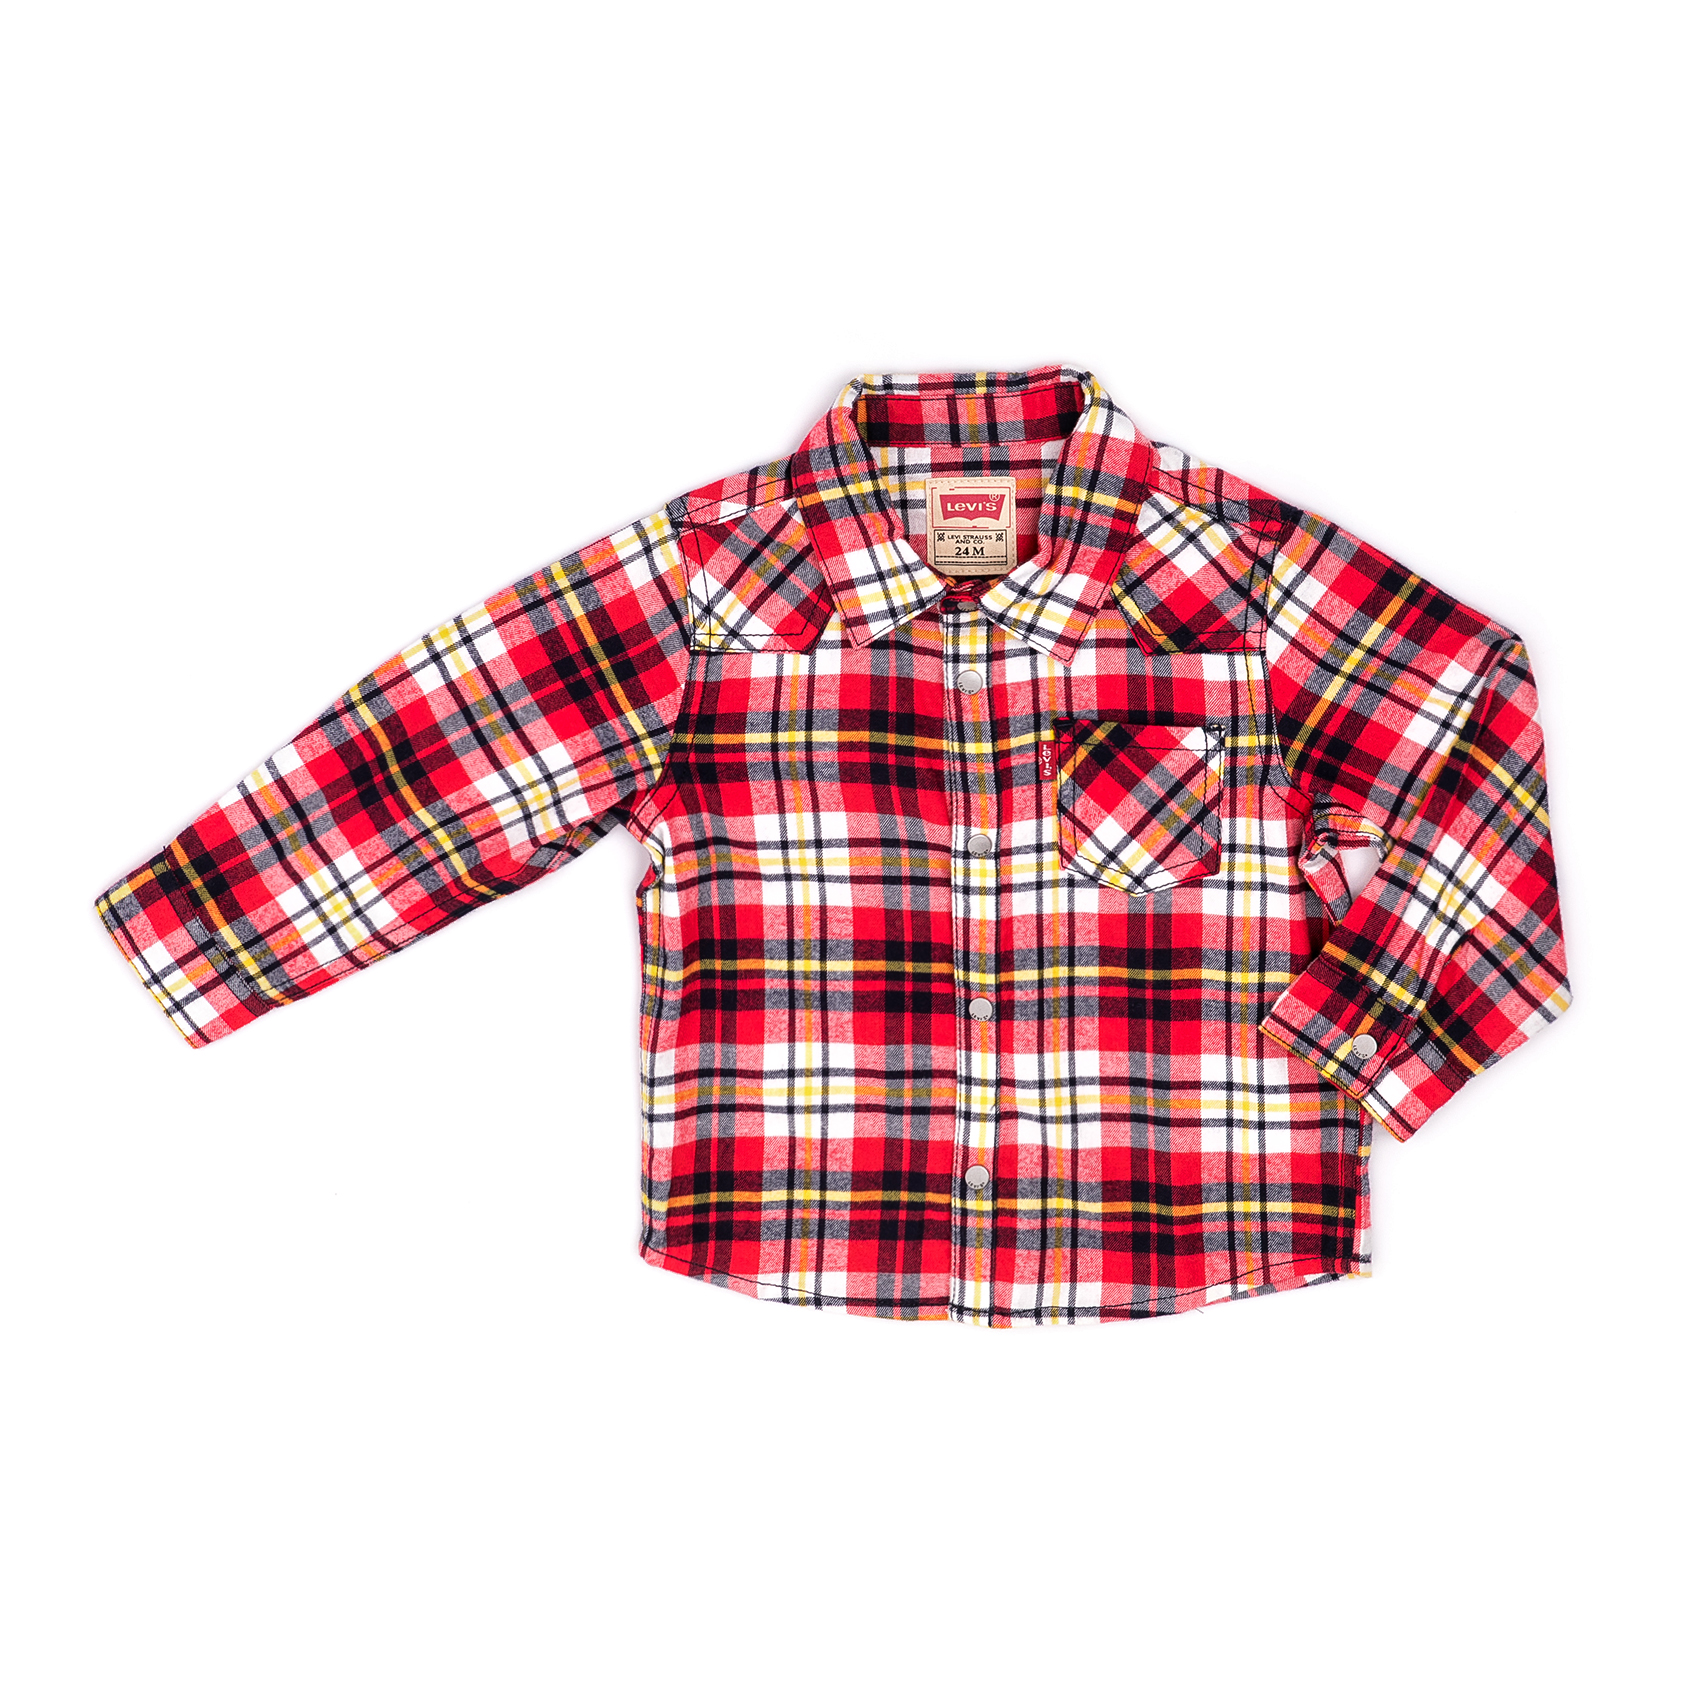 LEVI'S KIDS – Παιδικό πουκάμισο LEVI'S KIDS κόκκινο-λευκό